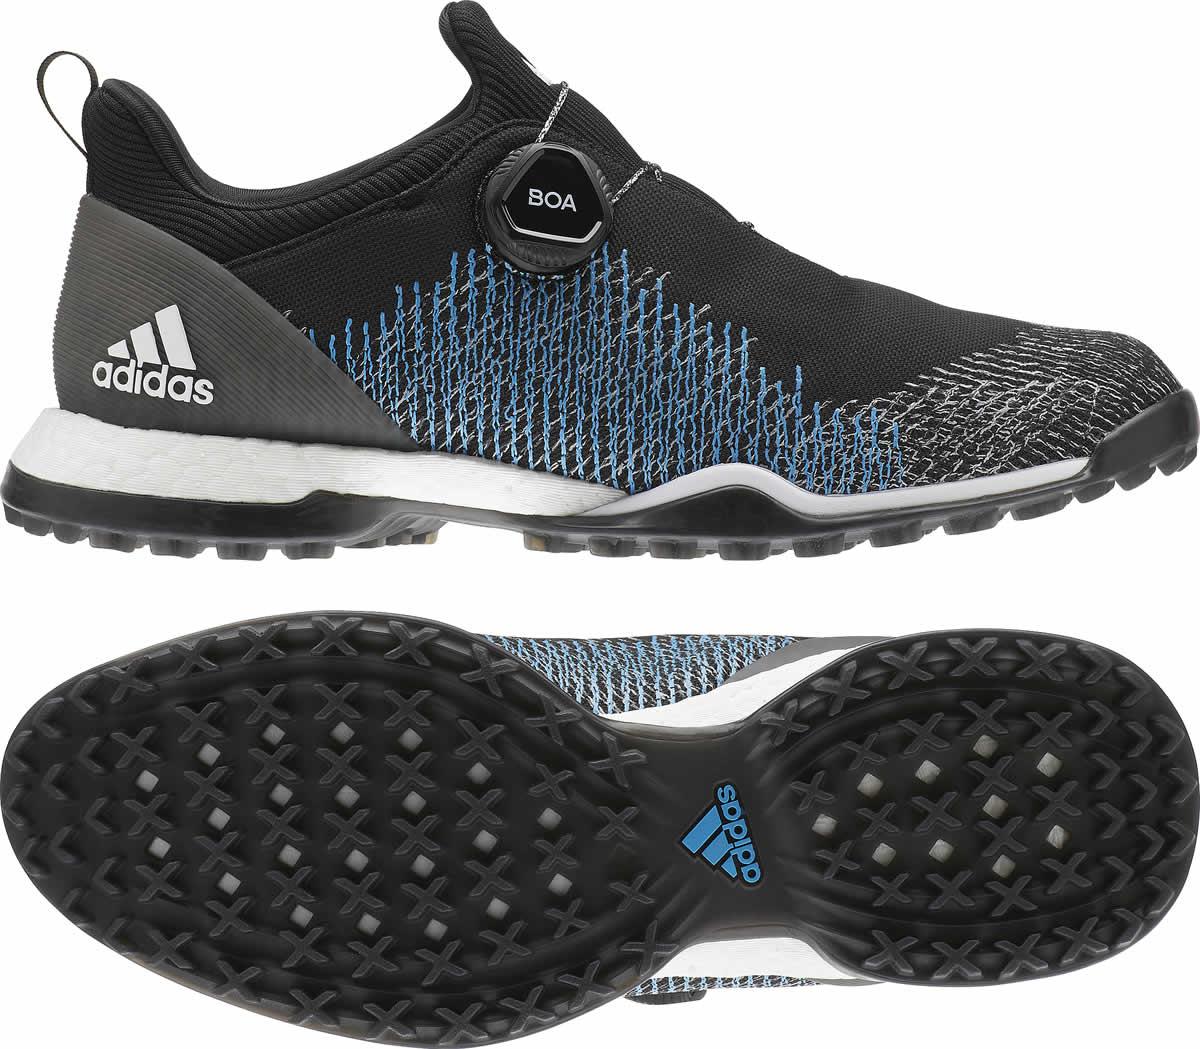 Adidas Forgefiber Boa Spikeless Women S Golf Shoes